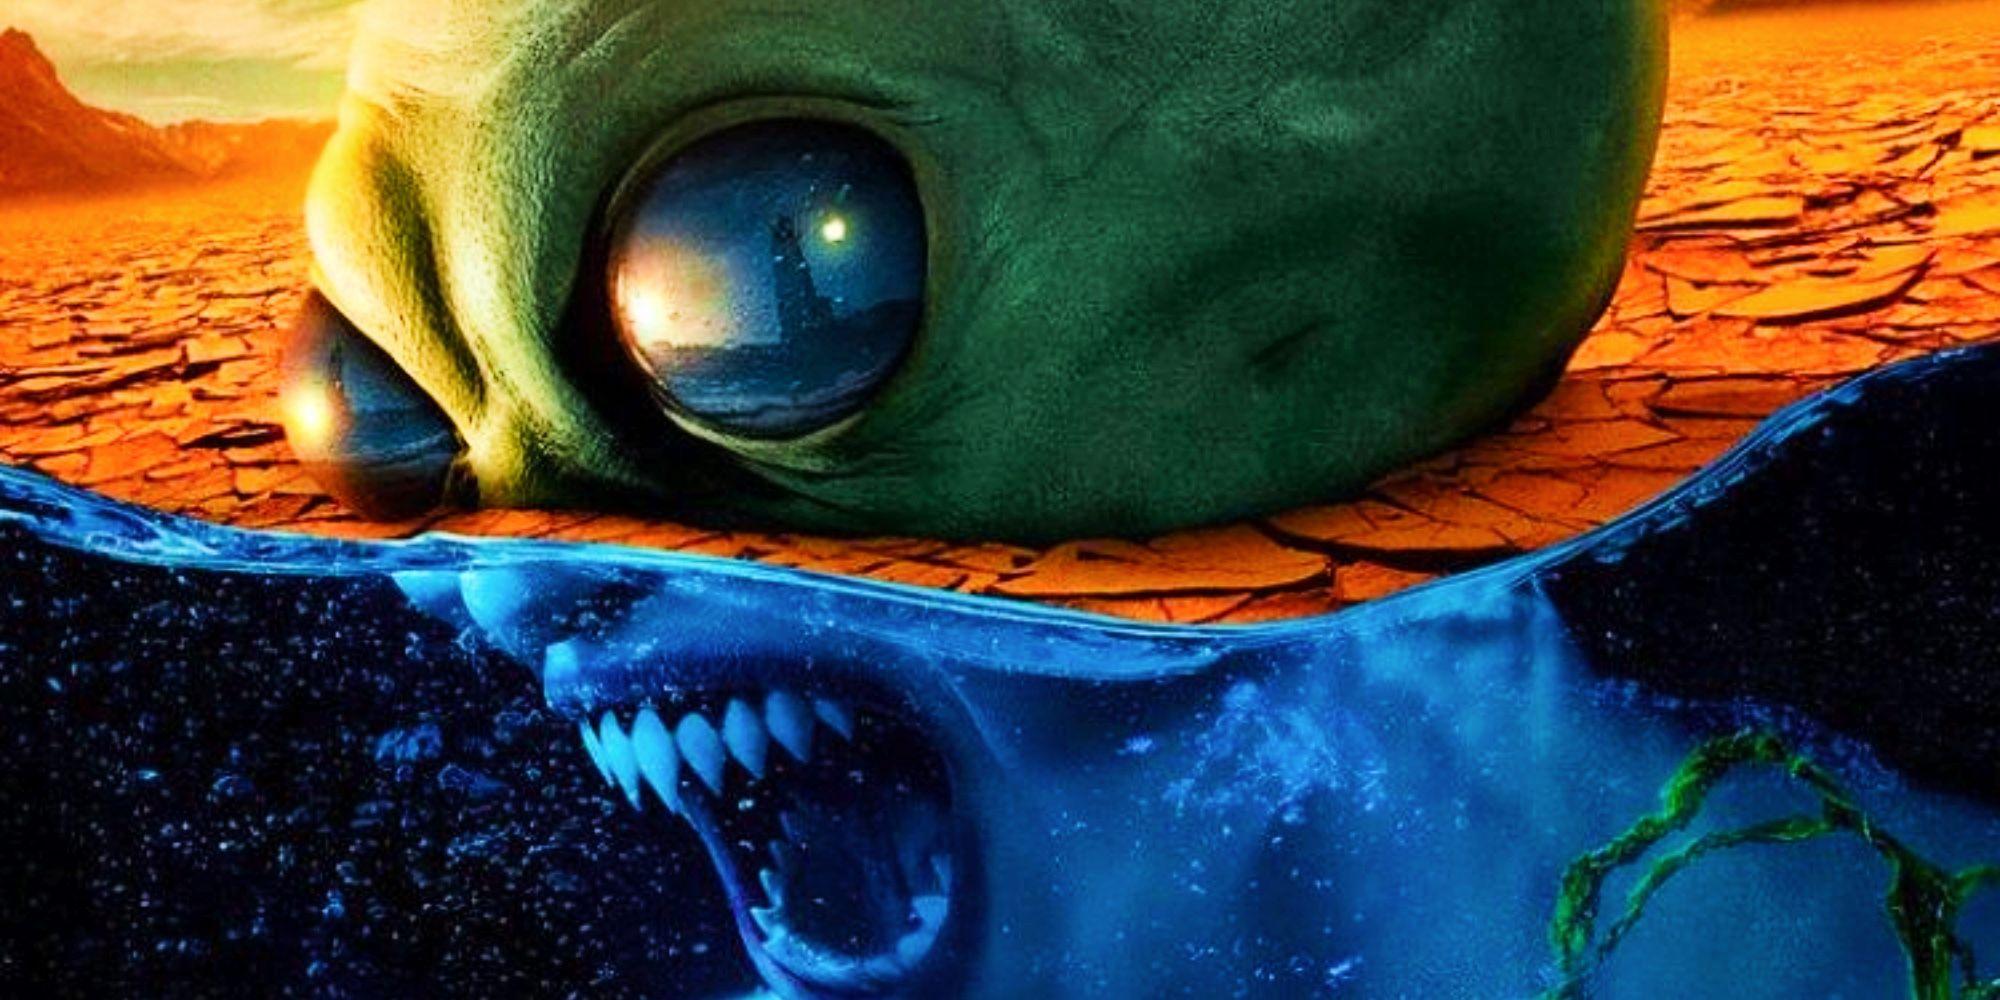 تریلر رسمی فصل دهم سریال American Horror Story بالاخره منتشر شد و بدین ترتیب فصلی جدید در دنیای تریلر محبوب رایان مورفی از شبکه FX آغاز شد.